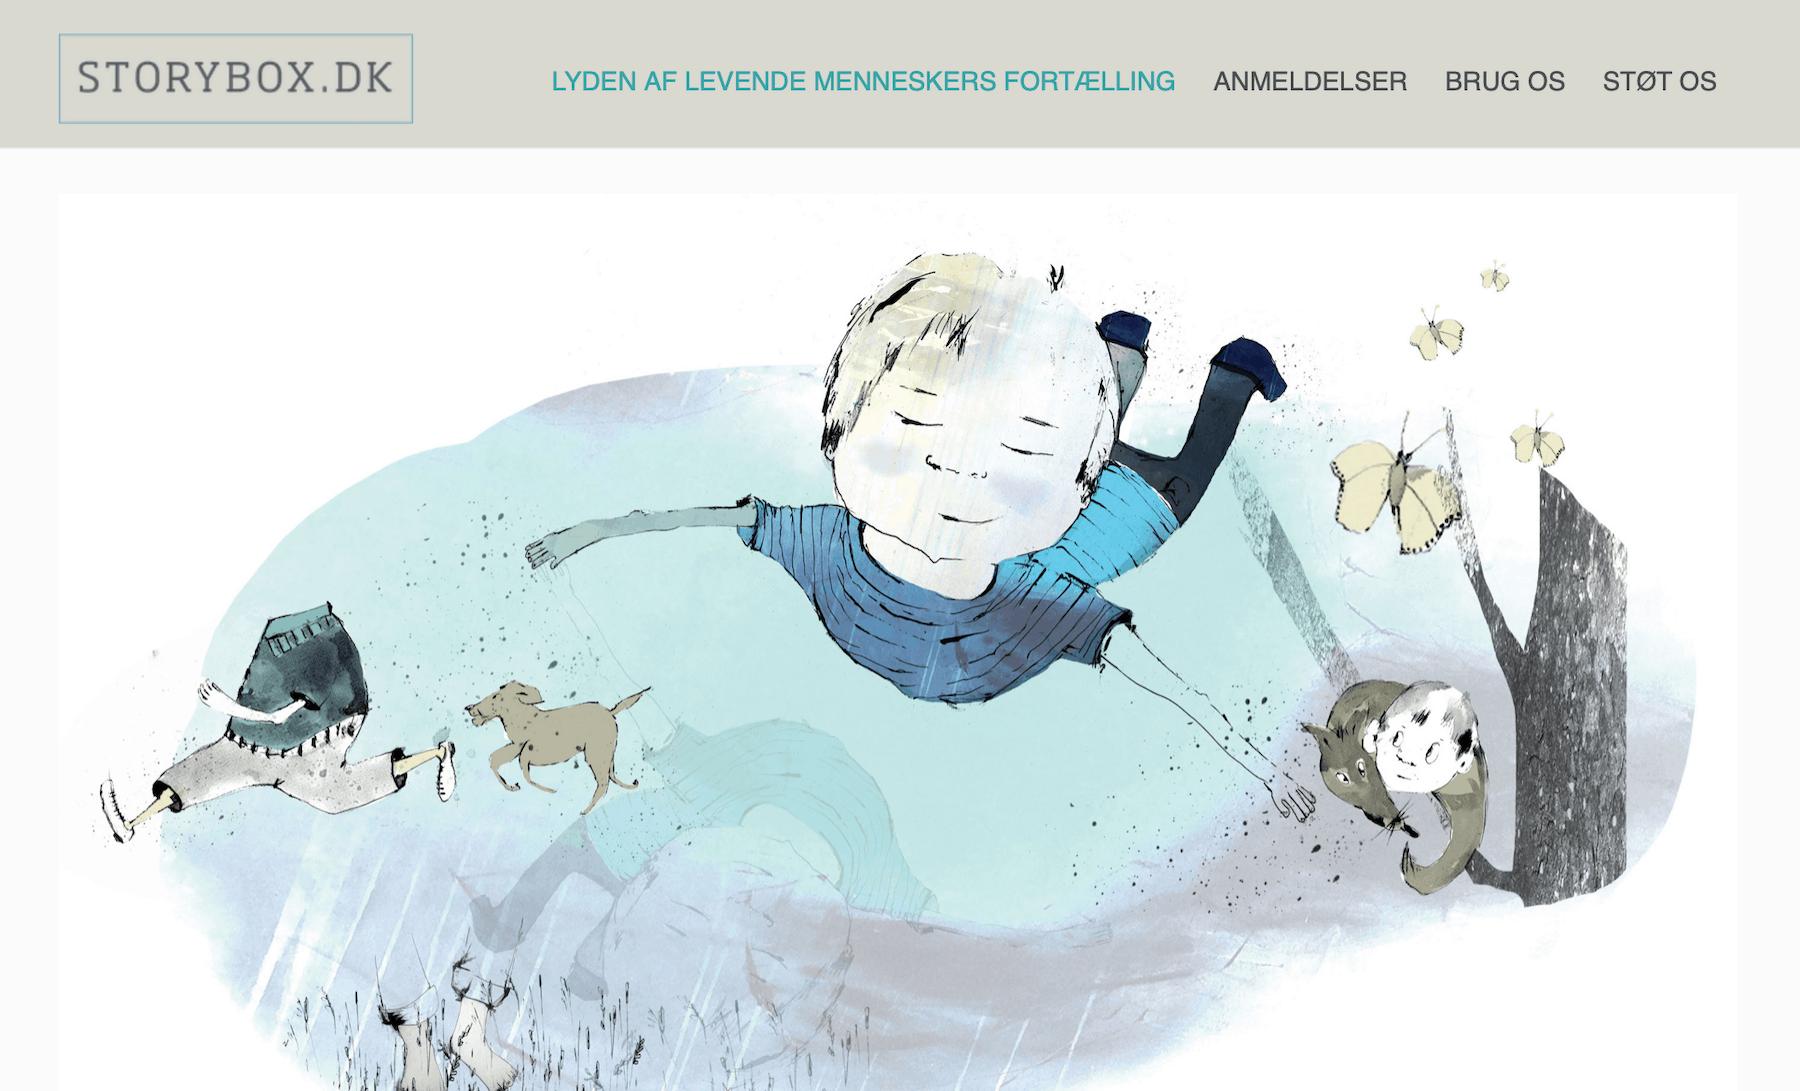 Storybox.dk forside – Danmarks første internetforlag for mundtlig fortællekunst